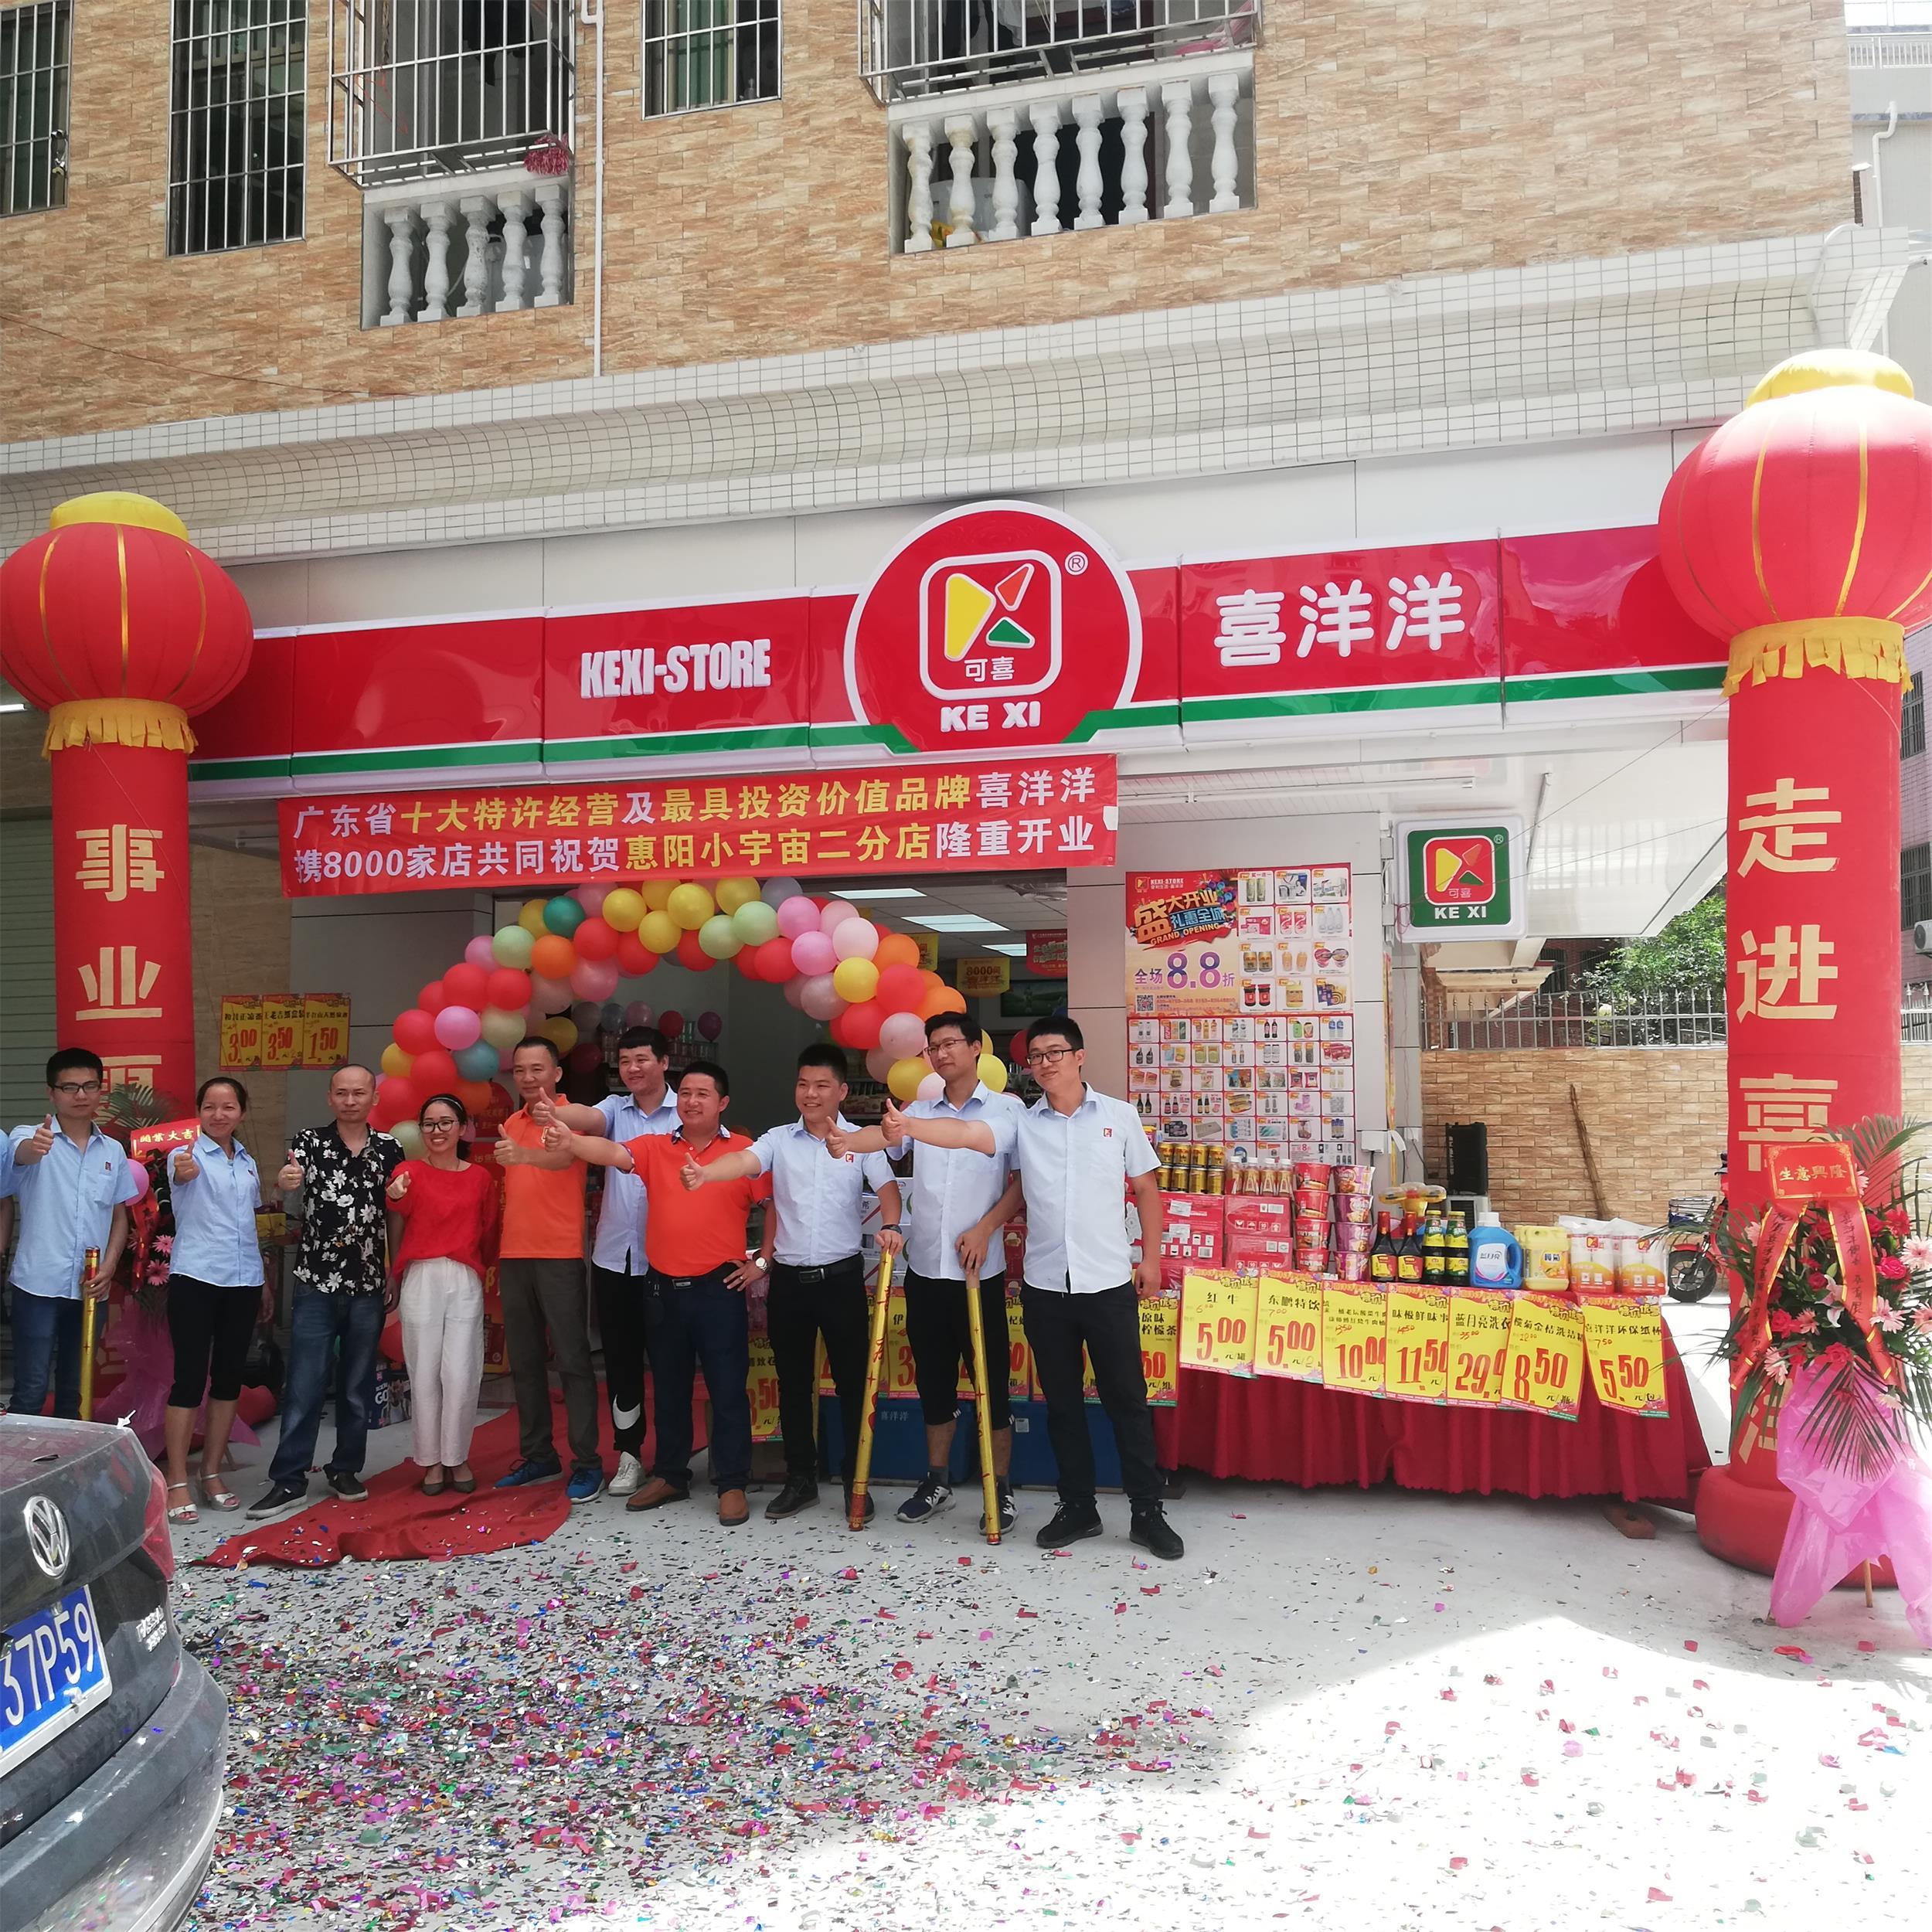 喜洋洋便利店全体员工恭祝惠阳小宇宙二分店6月8日隆重开业